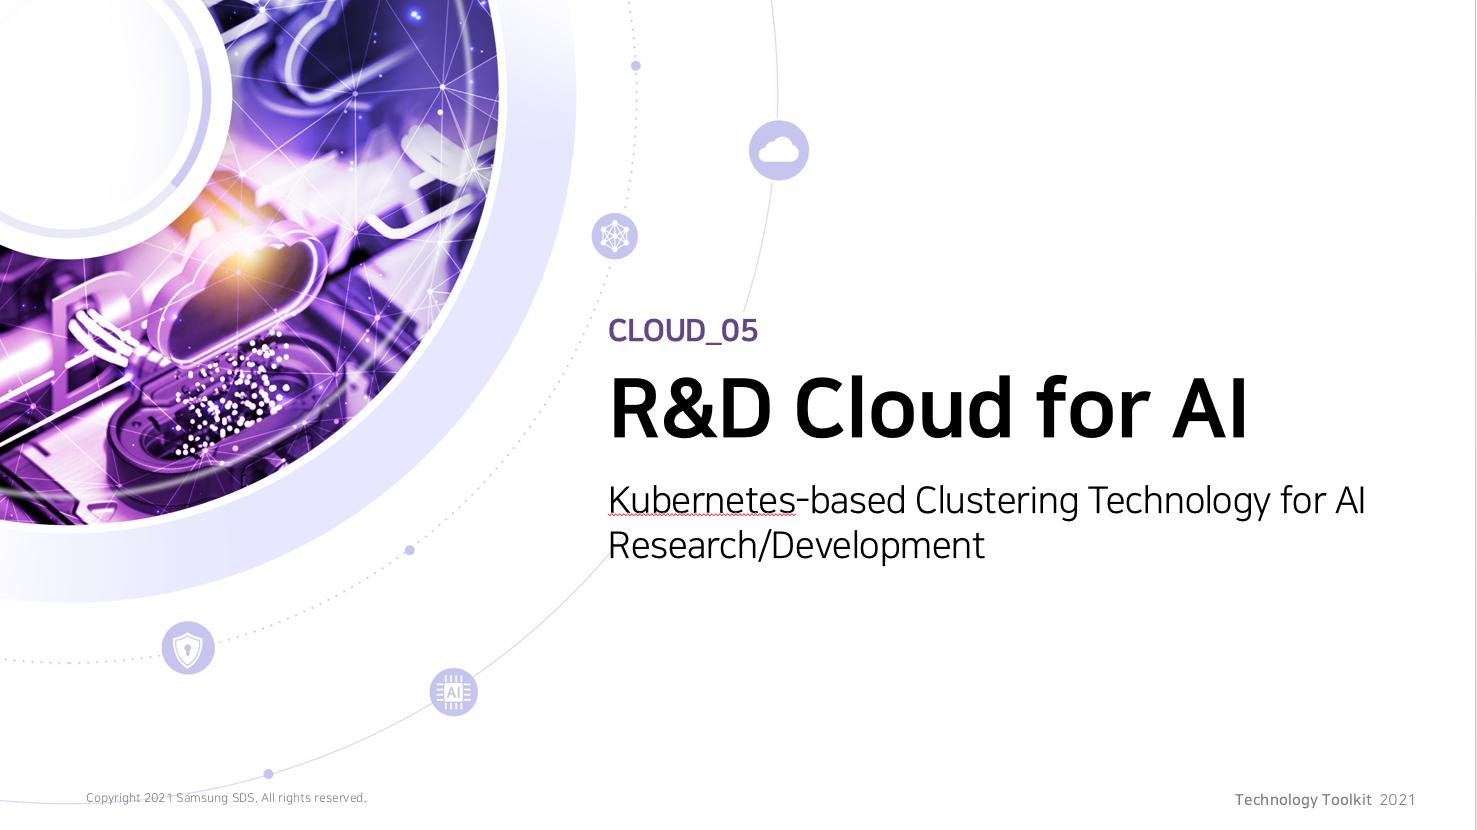 R&D Cloud for AI